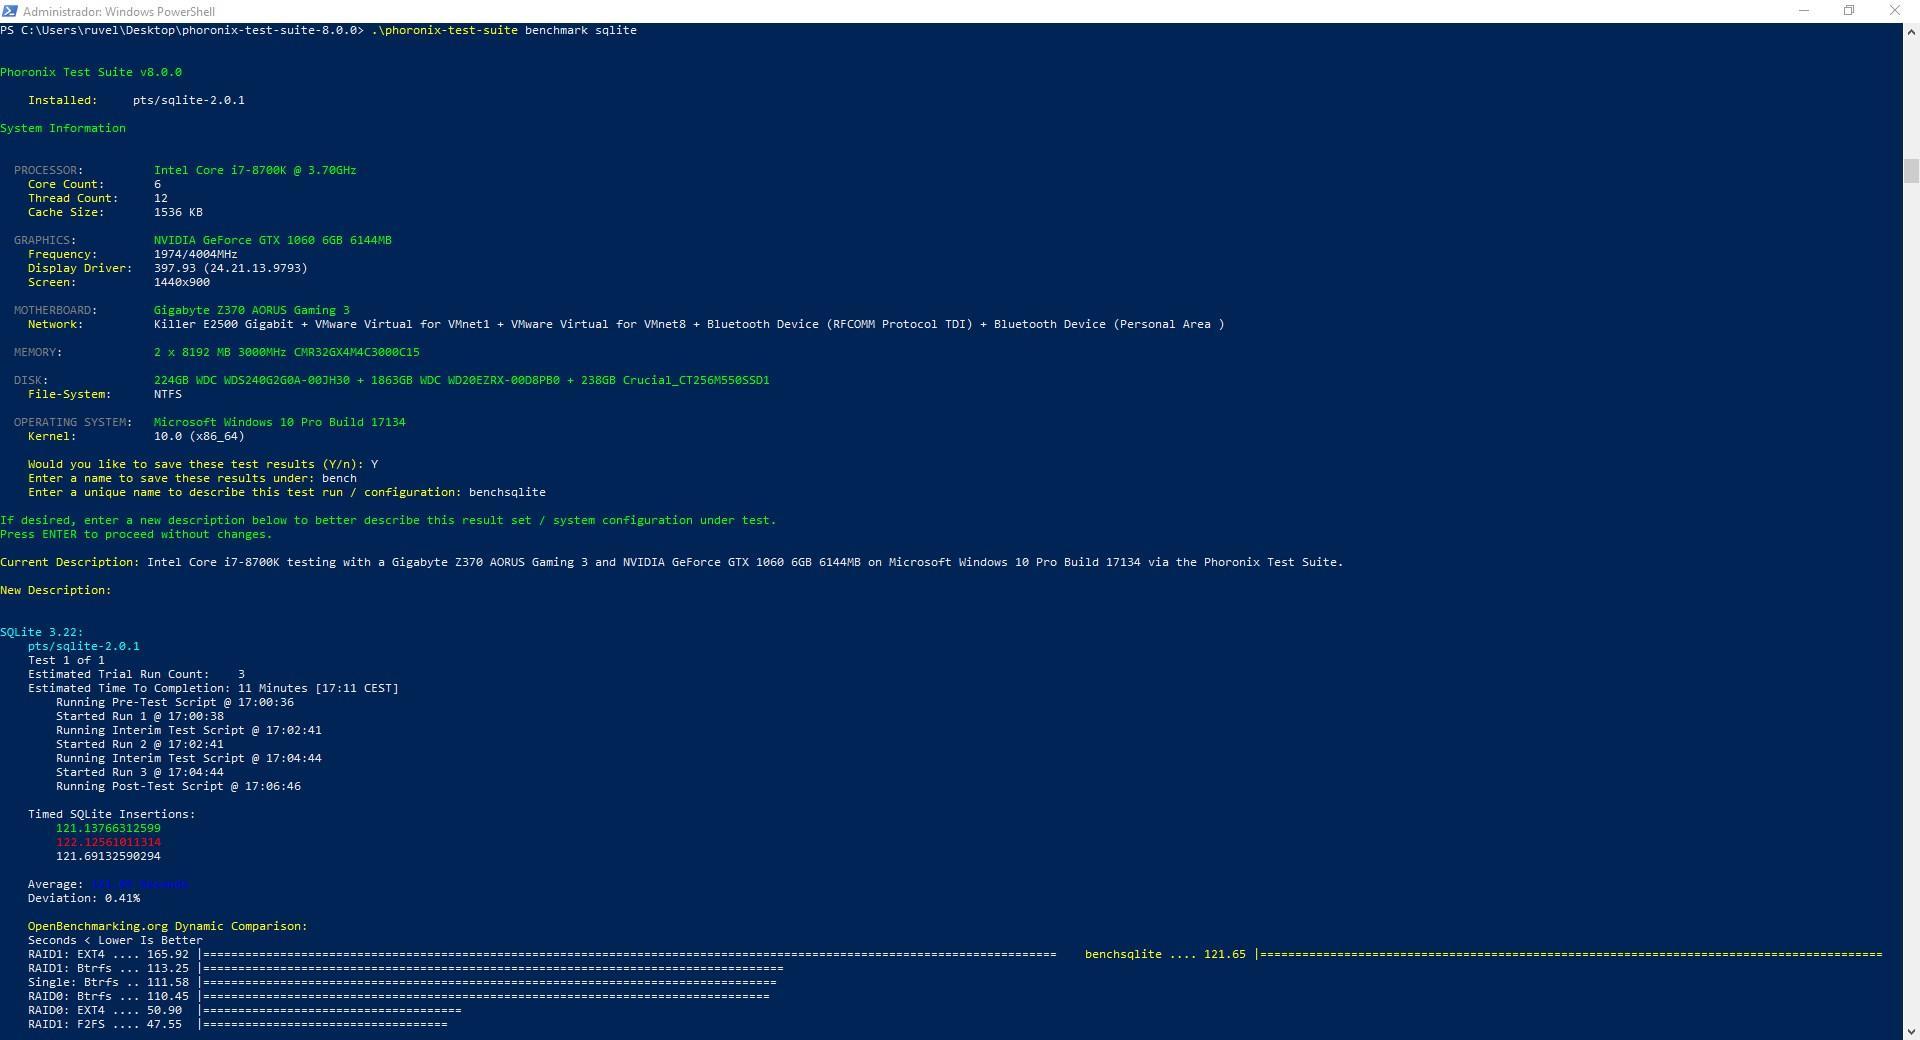 Phoronix Test Suite 8 0 ya tiene soporte completo para